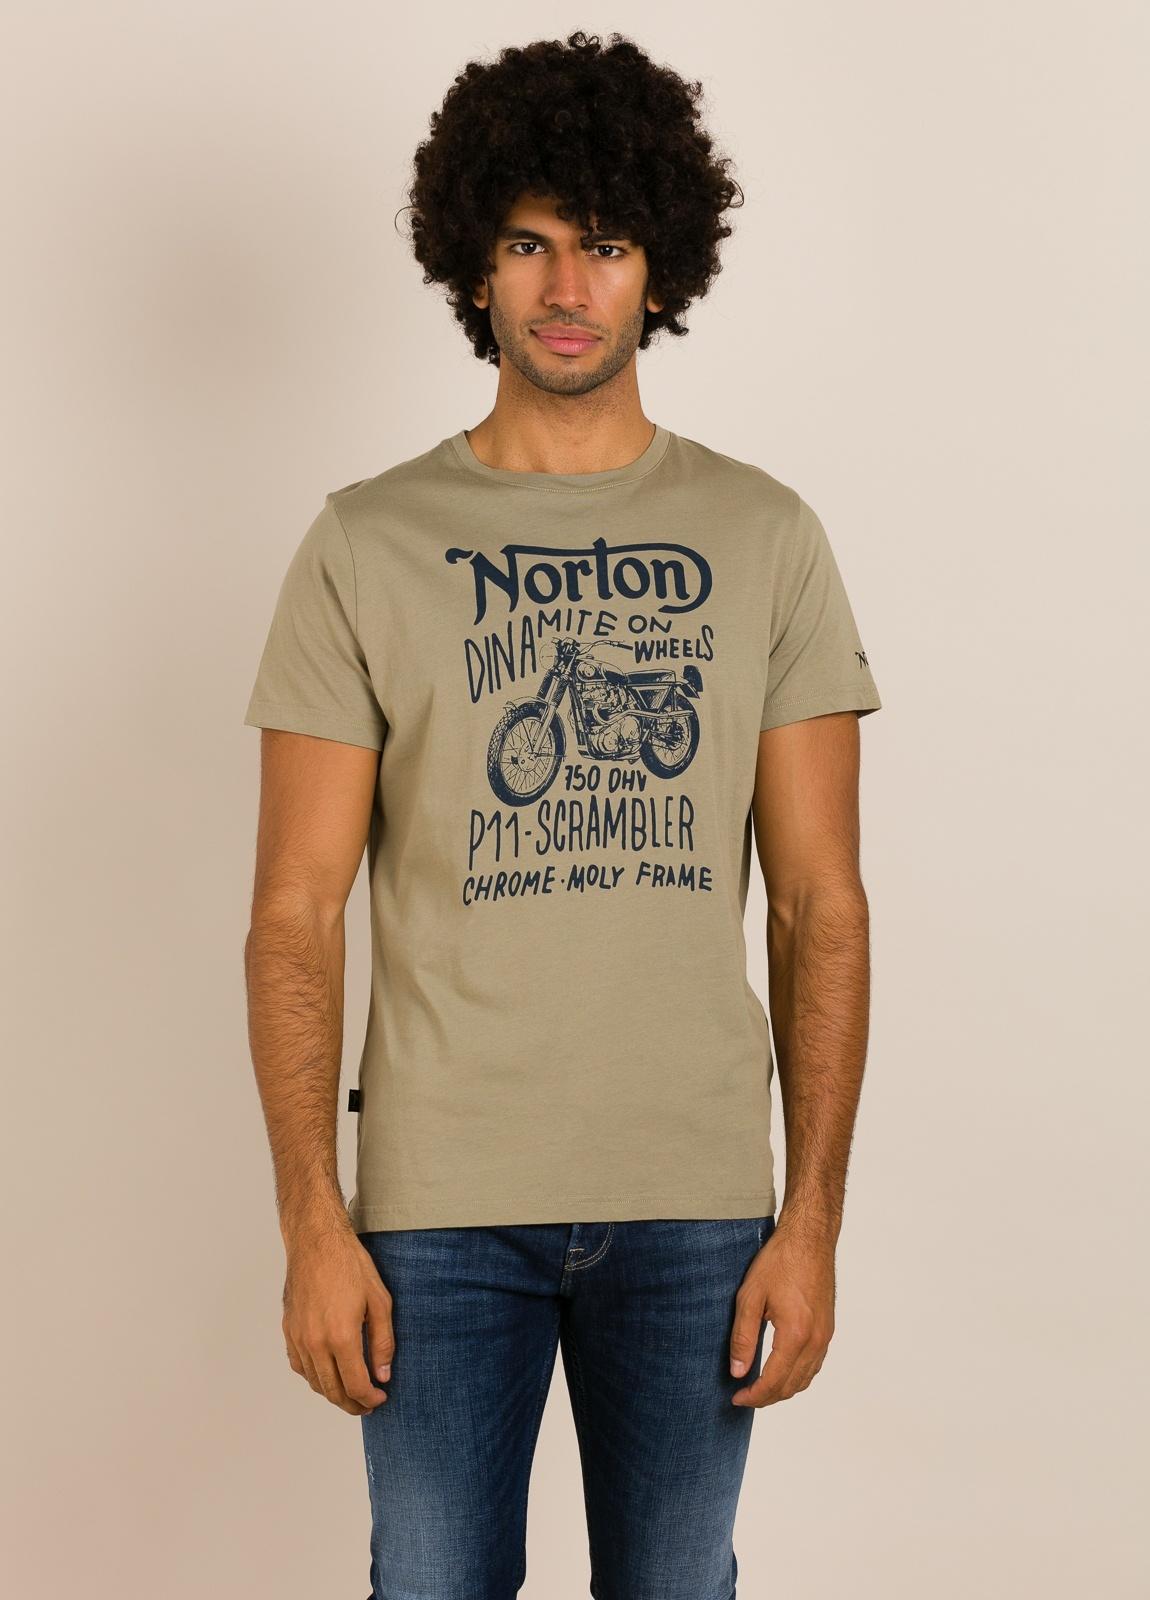 Camiseta NORTON kaki con estampado gráfico